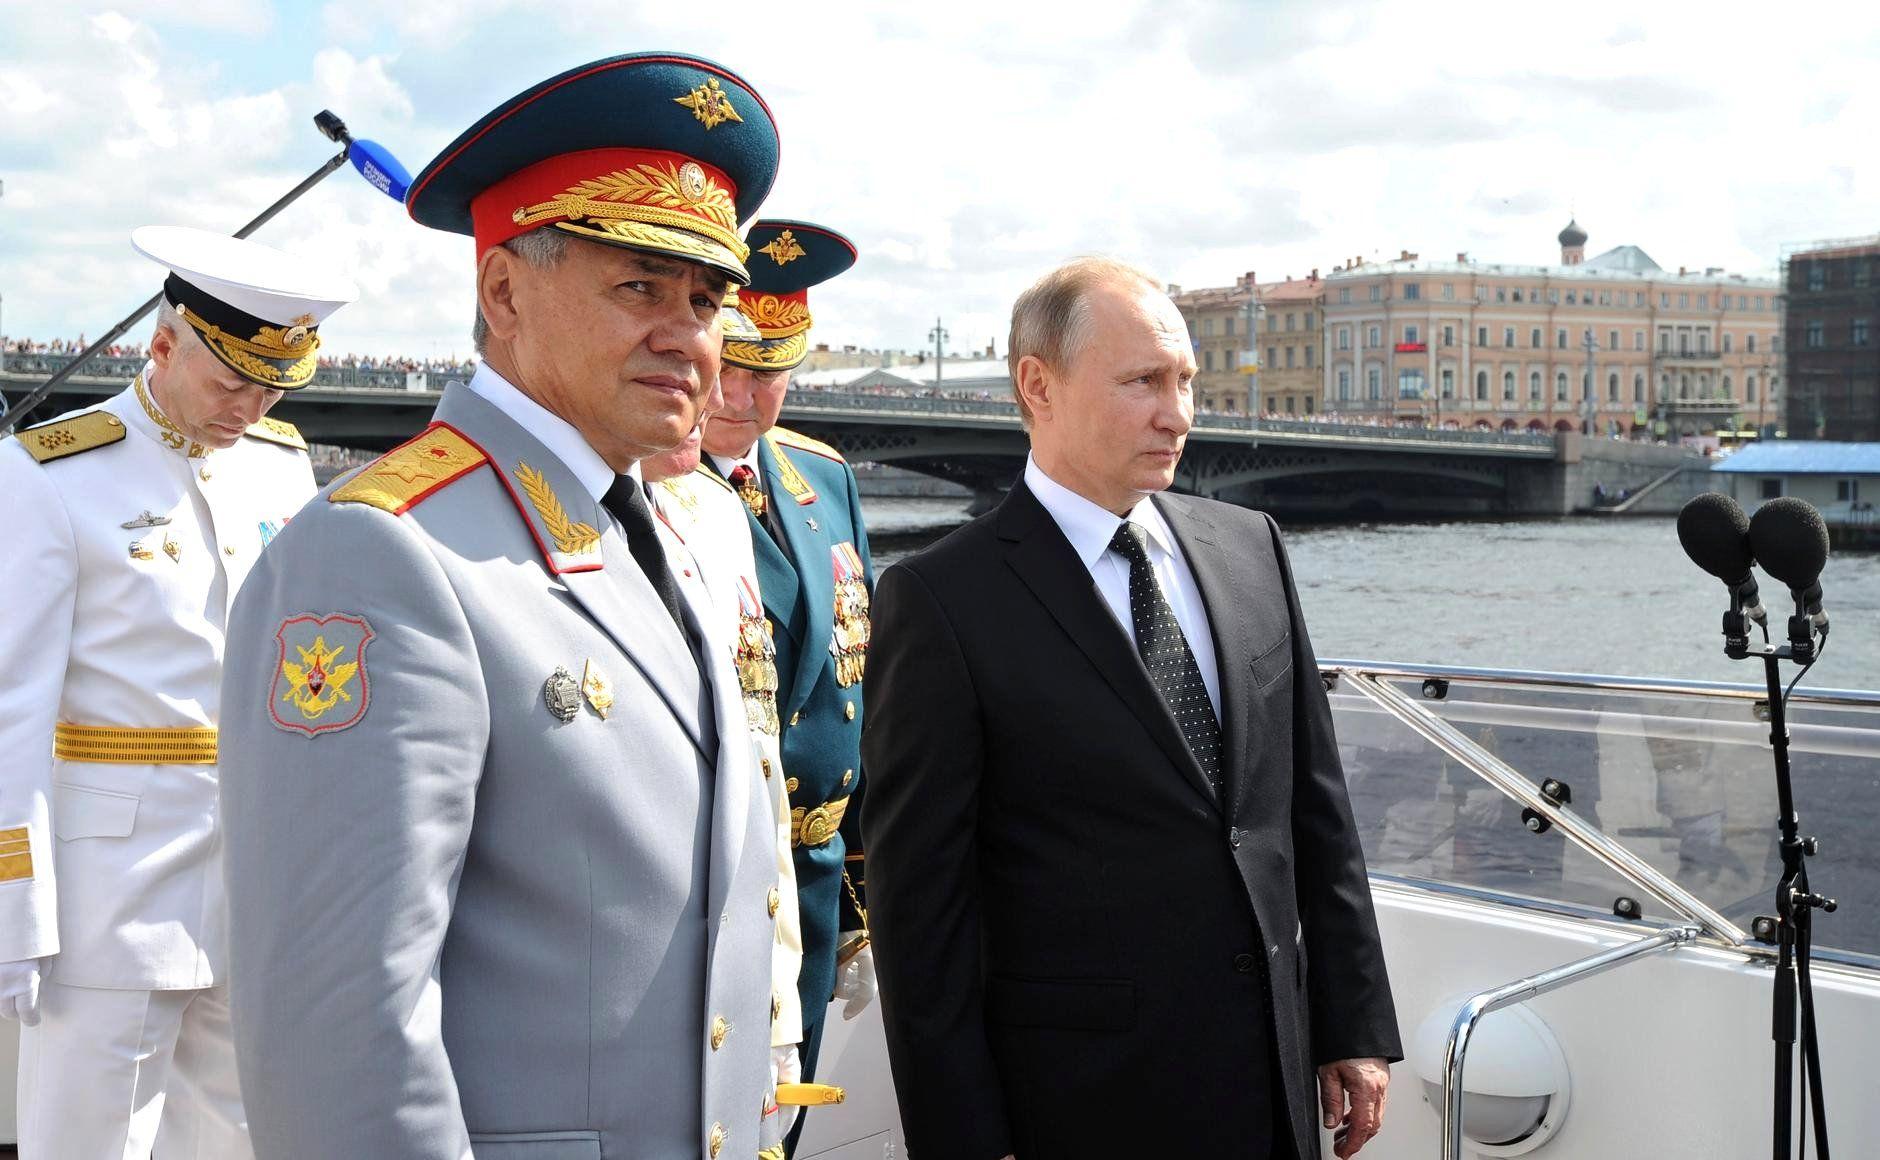 Сергей Шойгу (слева) и Владимир Путин